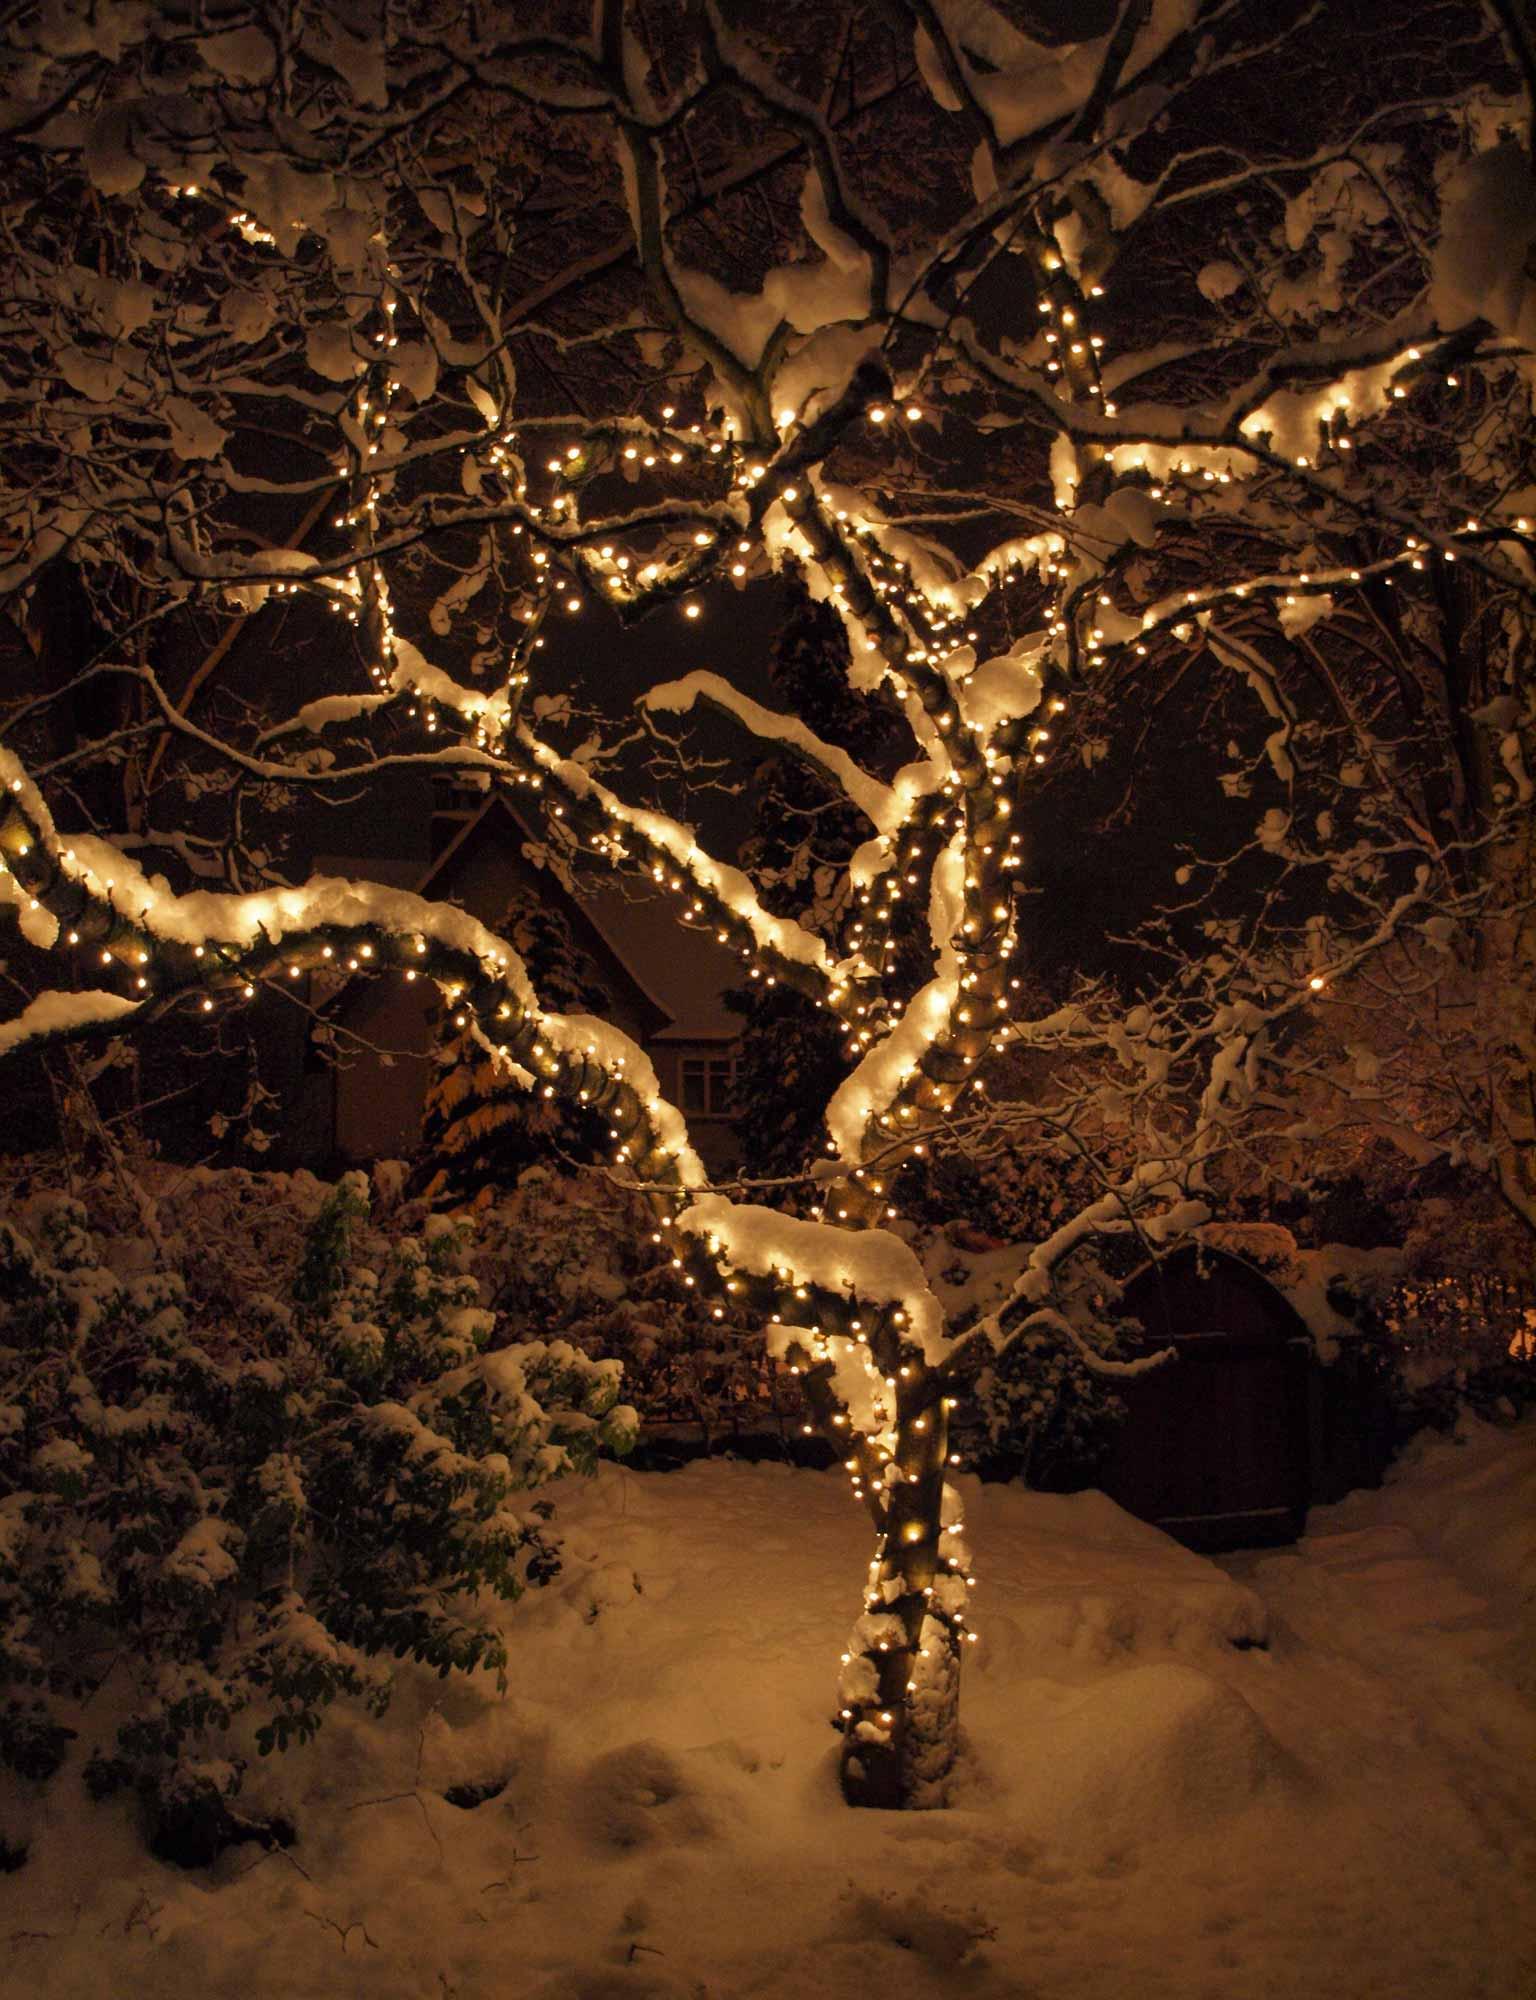 Weihnachtsbeleuchtung Außen Für Große Bäume.Ideen Zur Weihnachtsbaumbeleuchtung Lights4fun De